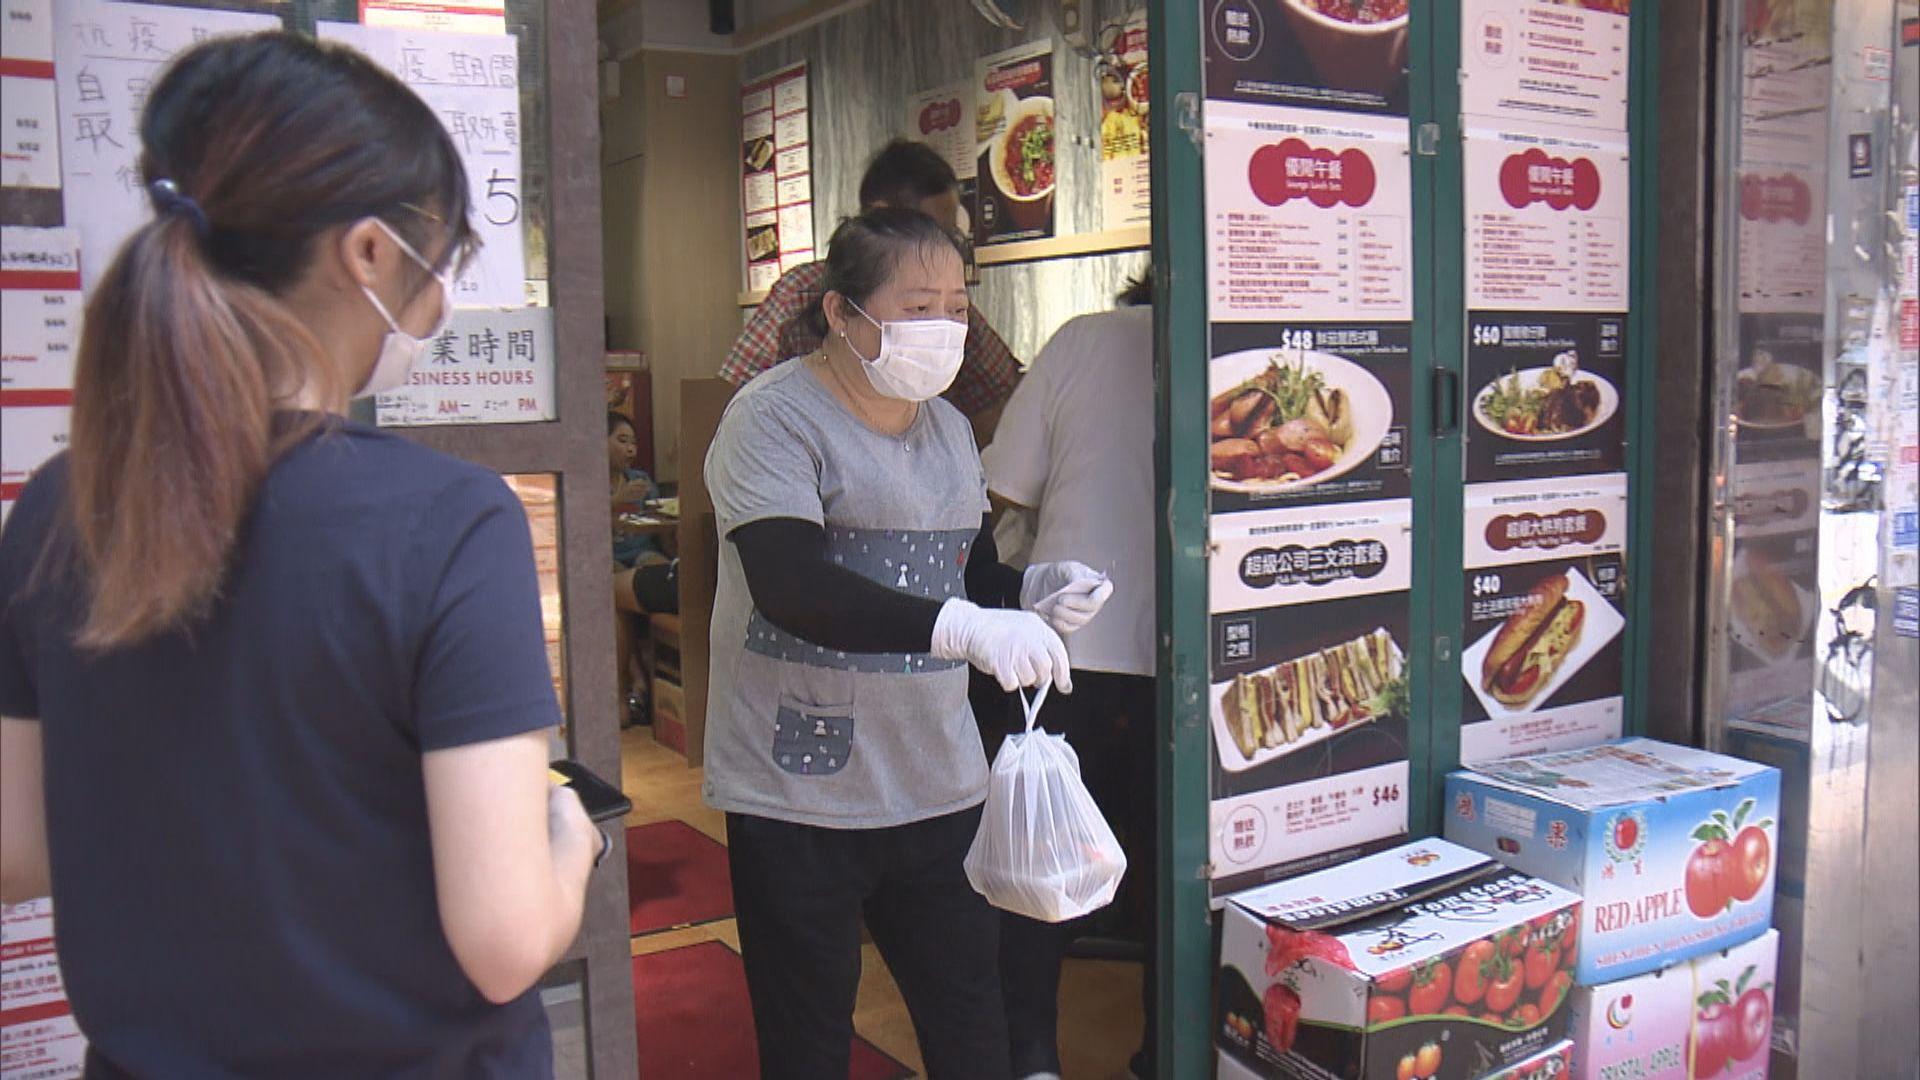 許樹昌:若仍維持過百宗確診 或須考慮全日禁食肆堂食